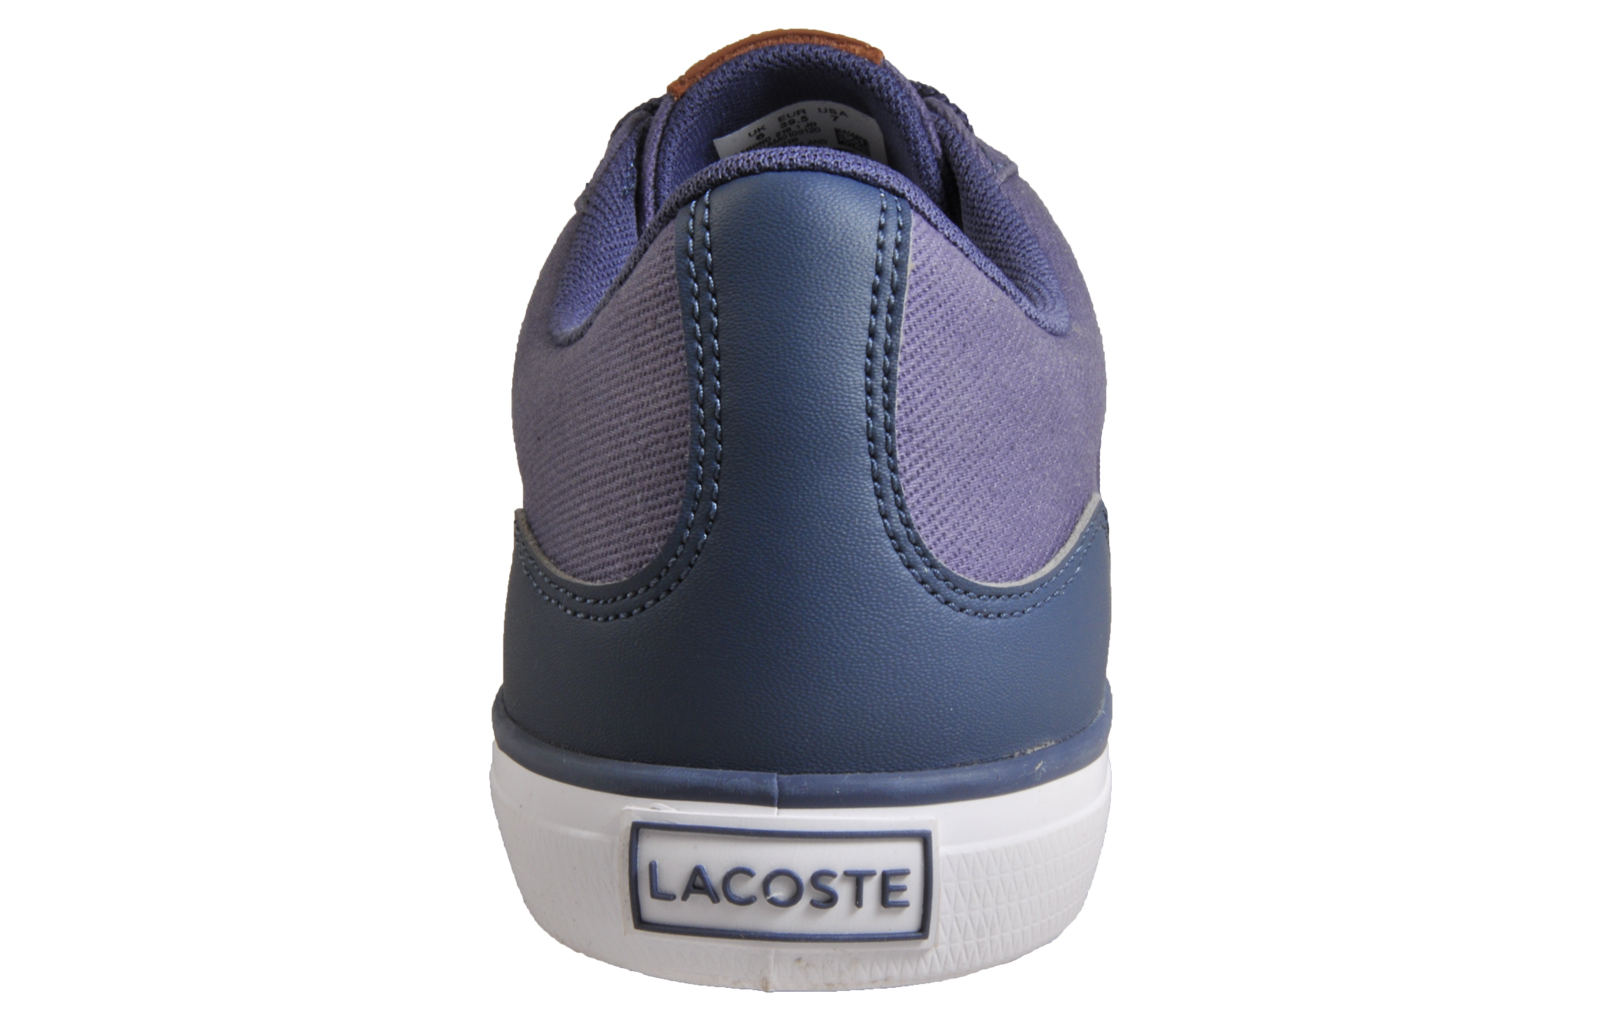 7a3e7e549 Lacoste Lerond 218 Men s Casual Designer Retro Fashion Smart Trainers B  Grade